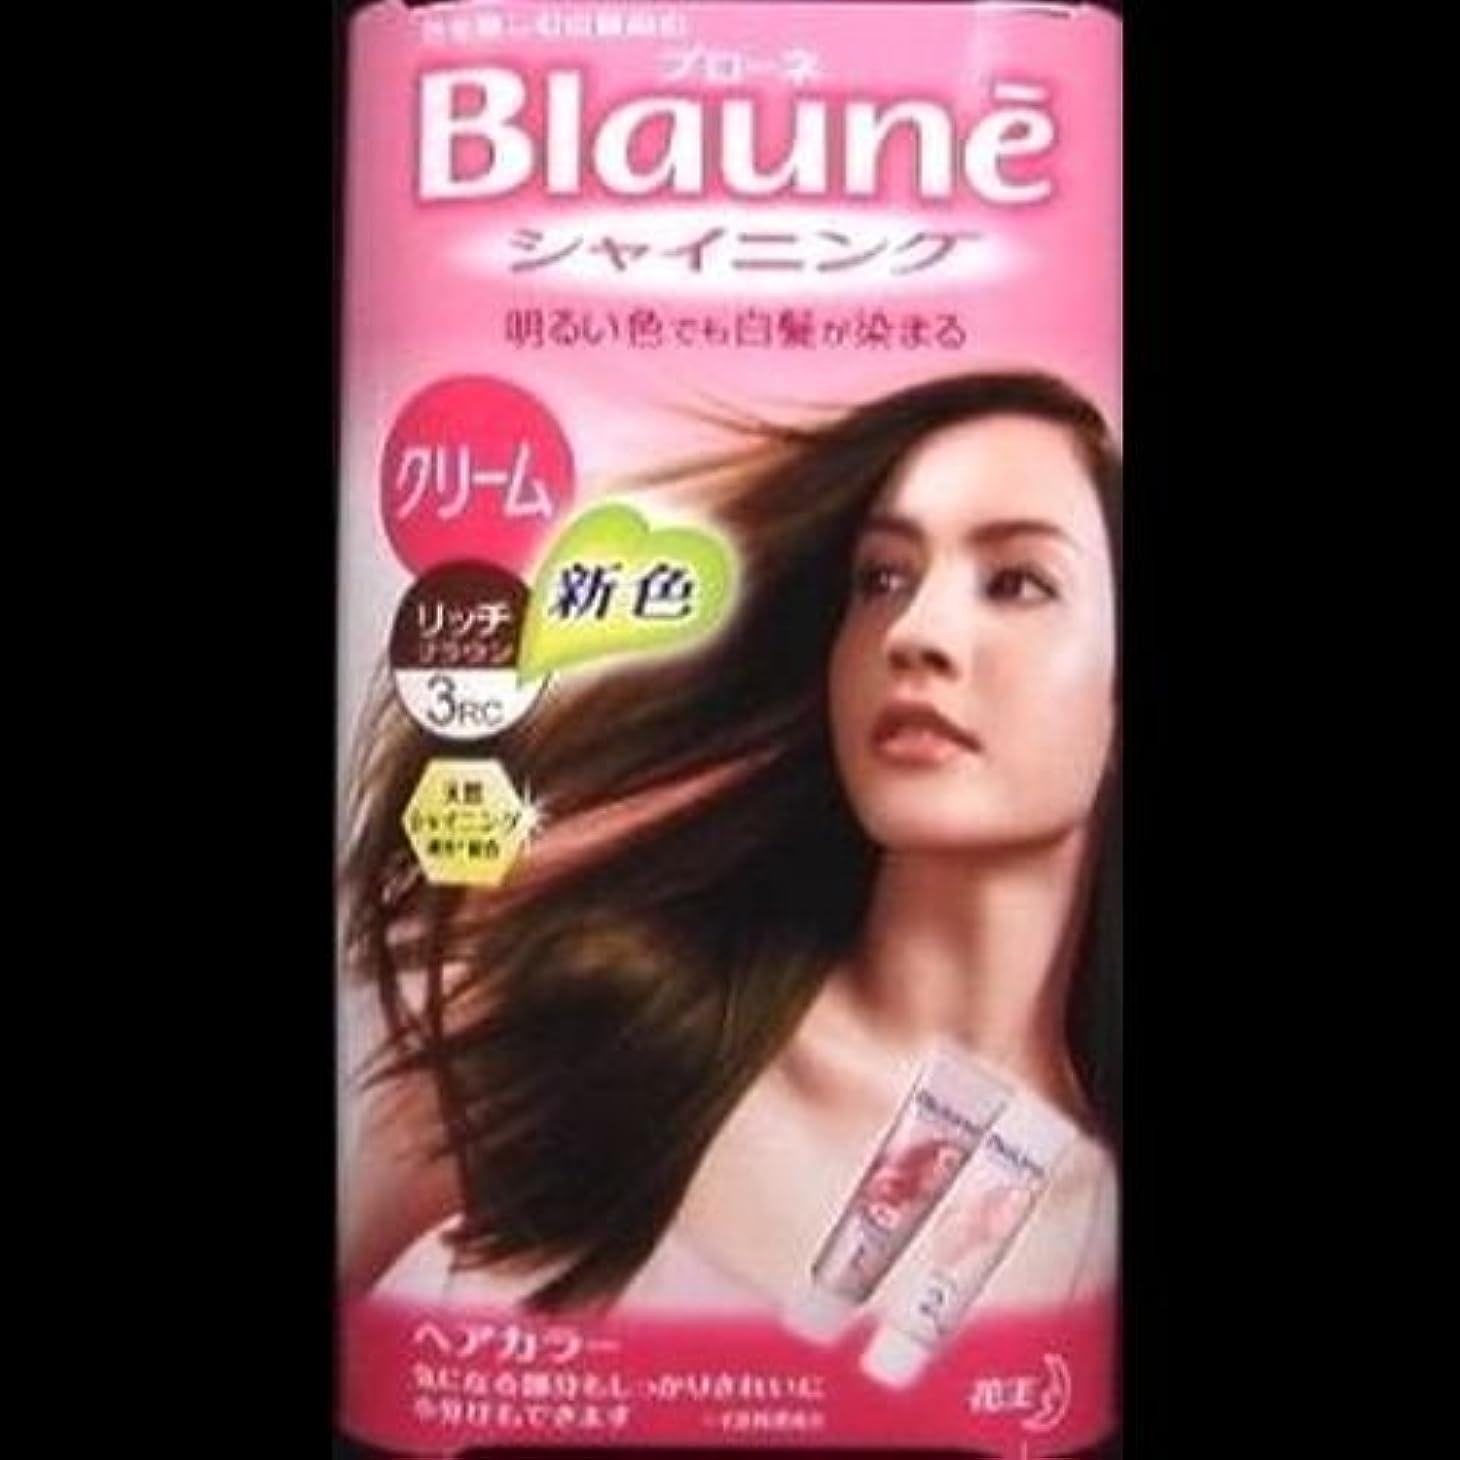 【まとめ買い】ブローネシャイニングヘアカラークリーム 3RC リッチブラウン ×2セット